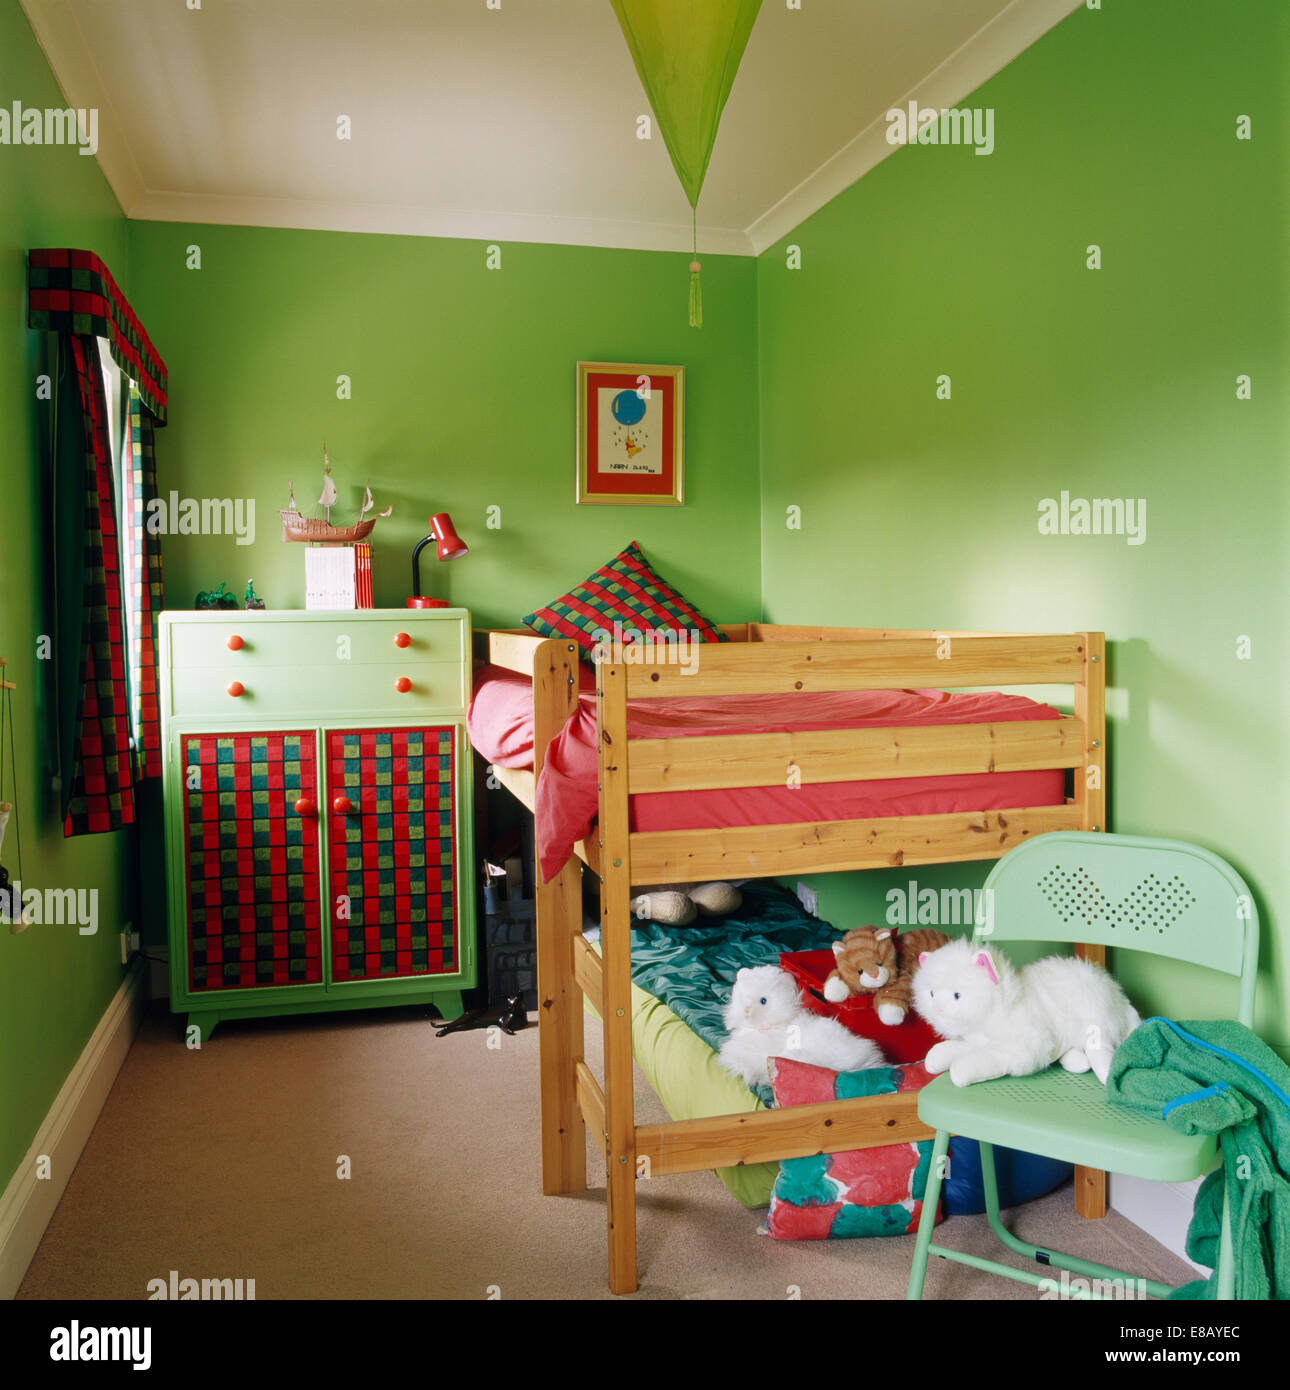 Etagenbetten Aus Holz Und Kleinen Grunen Schrank Im Kinderzimmer